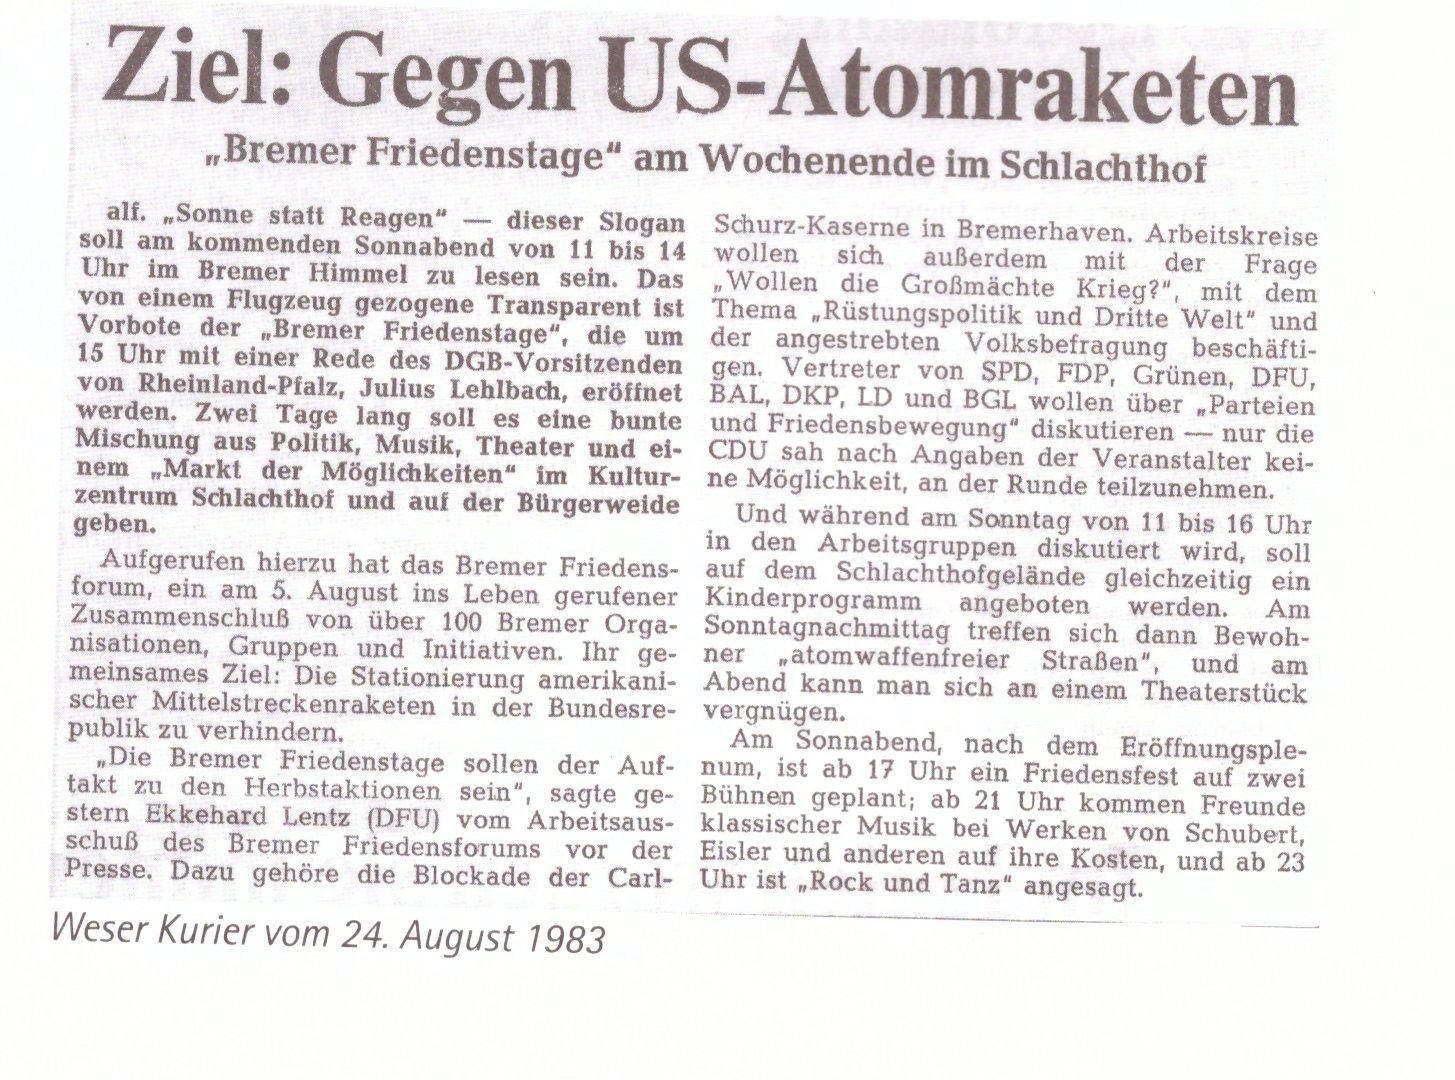 35 Jahre Bremer Friedensforum